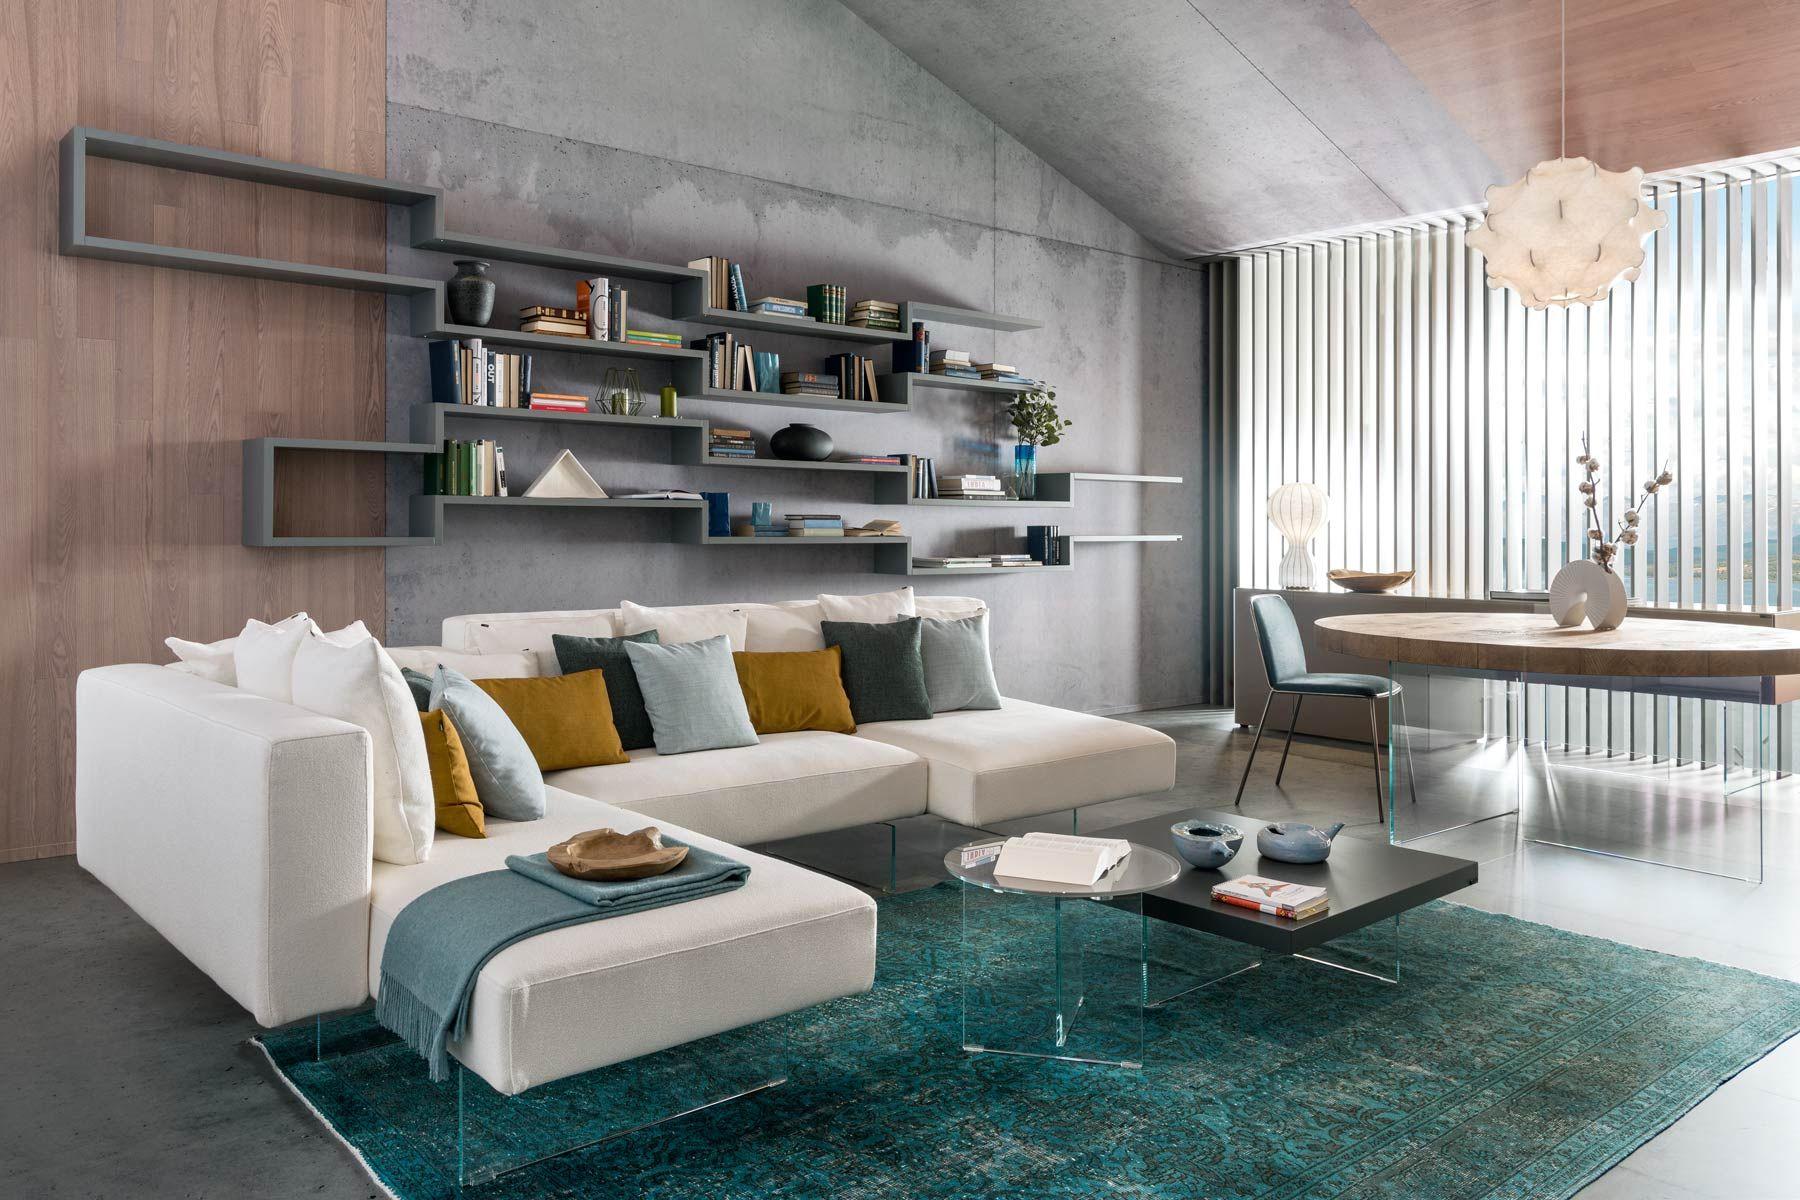 Tavolini Da Salotto Lago un tavolino sospeso ed essenziale per il soggiorno   design